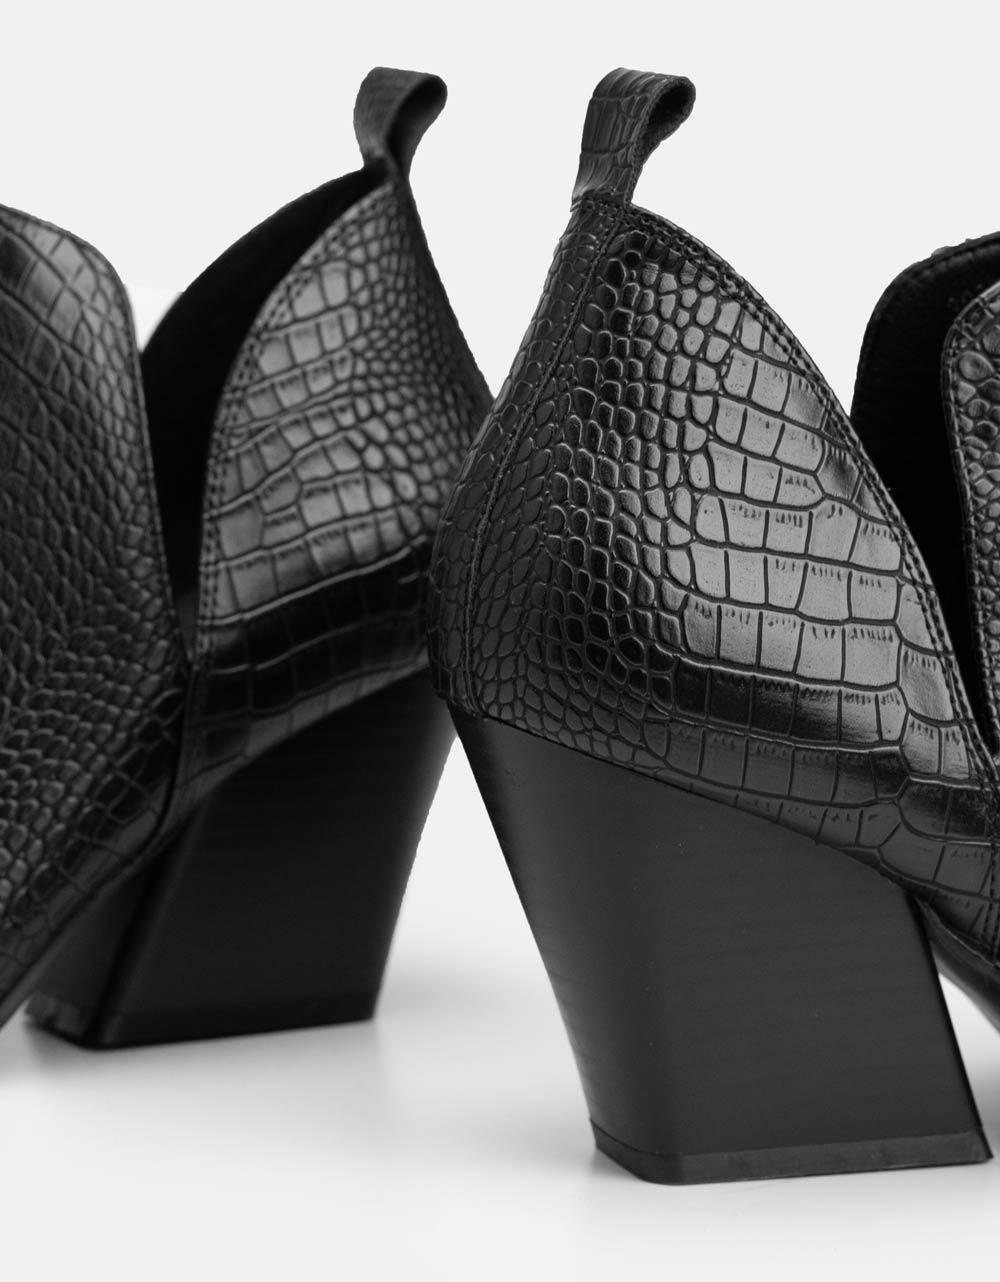 Εικόνα από Γυναικεία μποτάκια με μεταλλική λεπτομέρεια στο μπροστινό μέρος Μαύρο